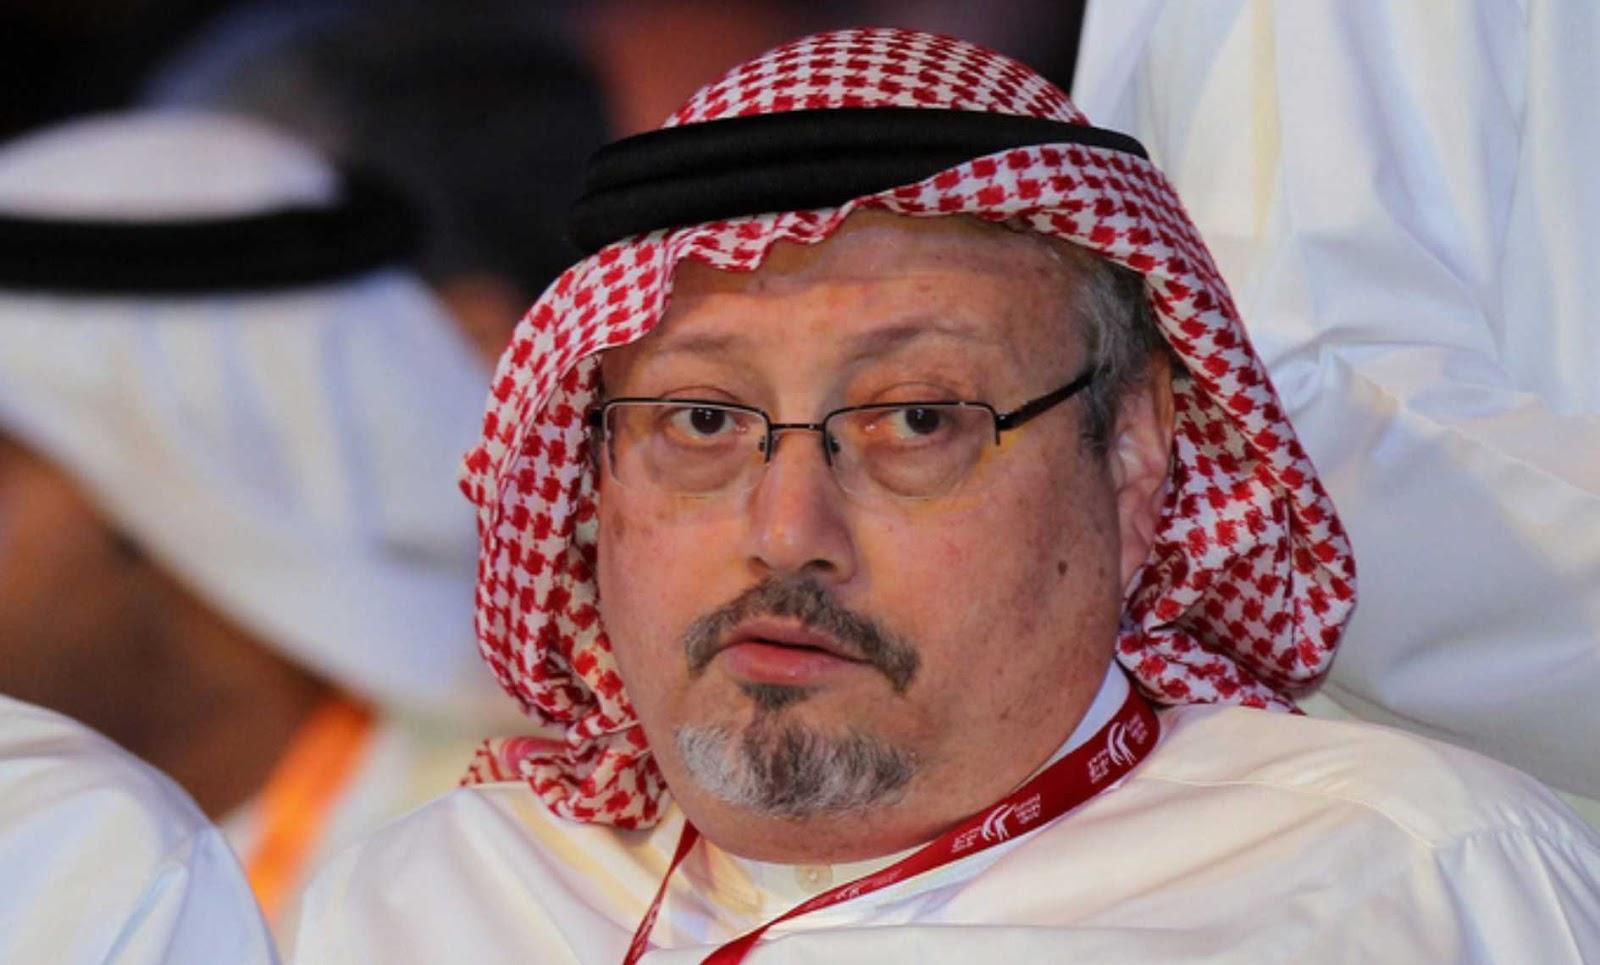 Riyadh tidak ijinkan penyidik Turki untuk memeriksa sumur di konsulat jenderal